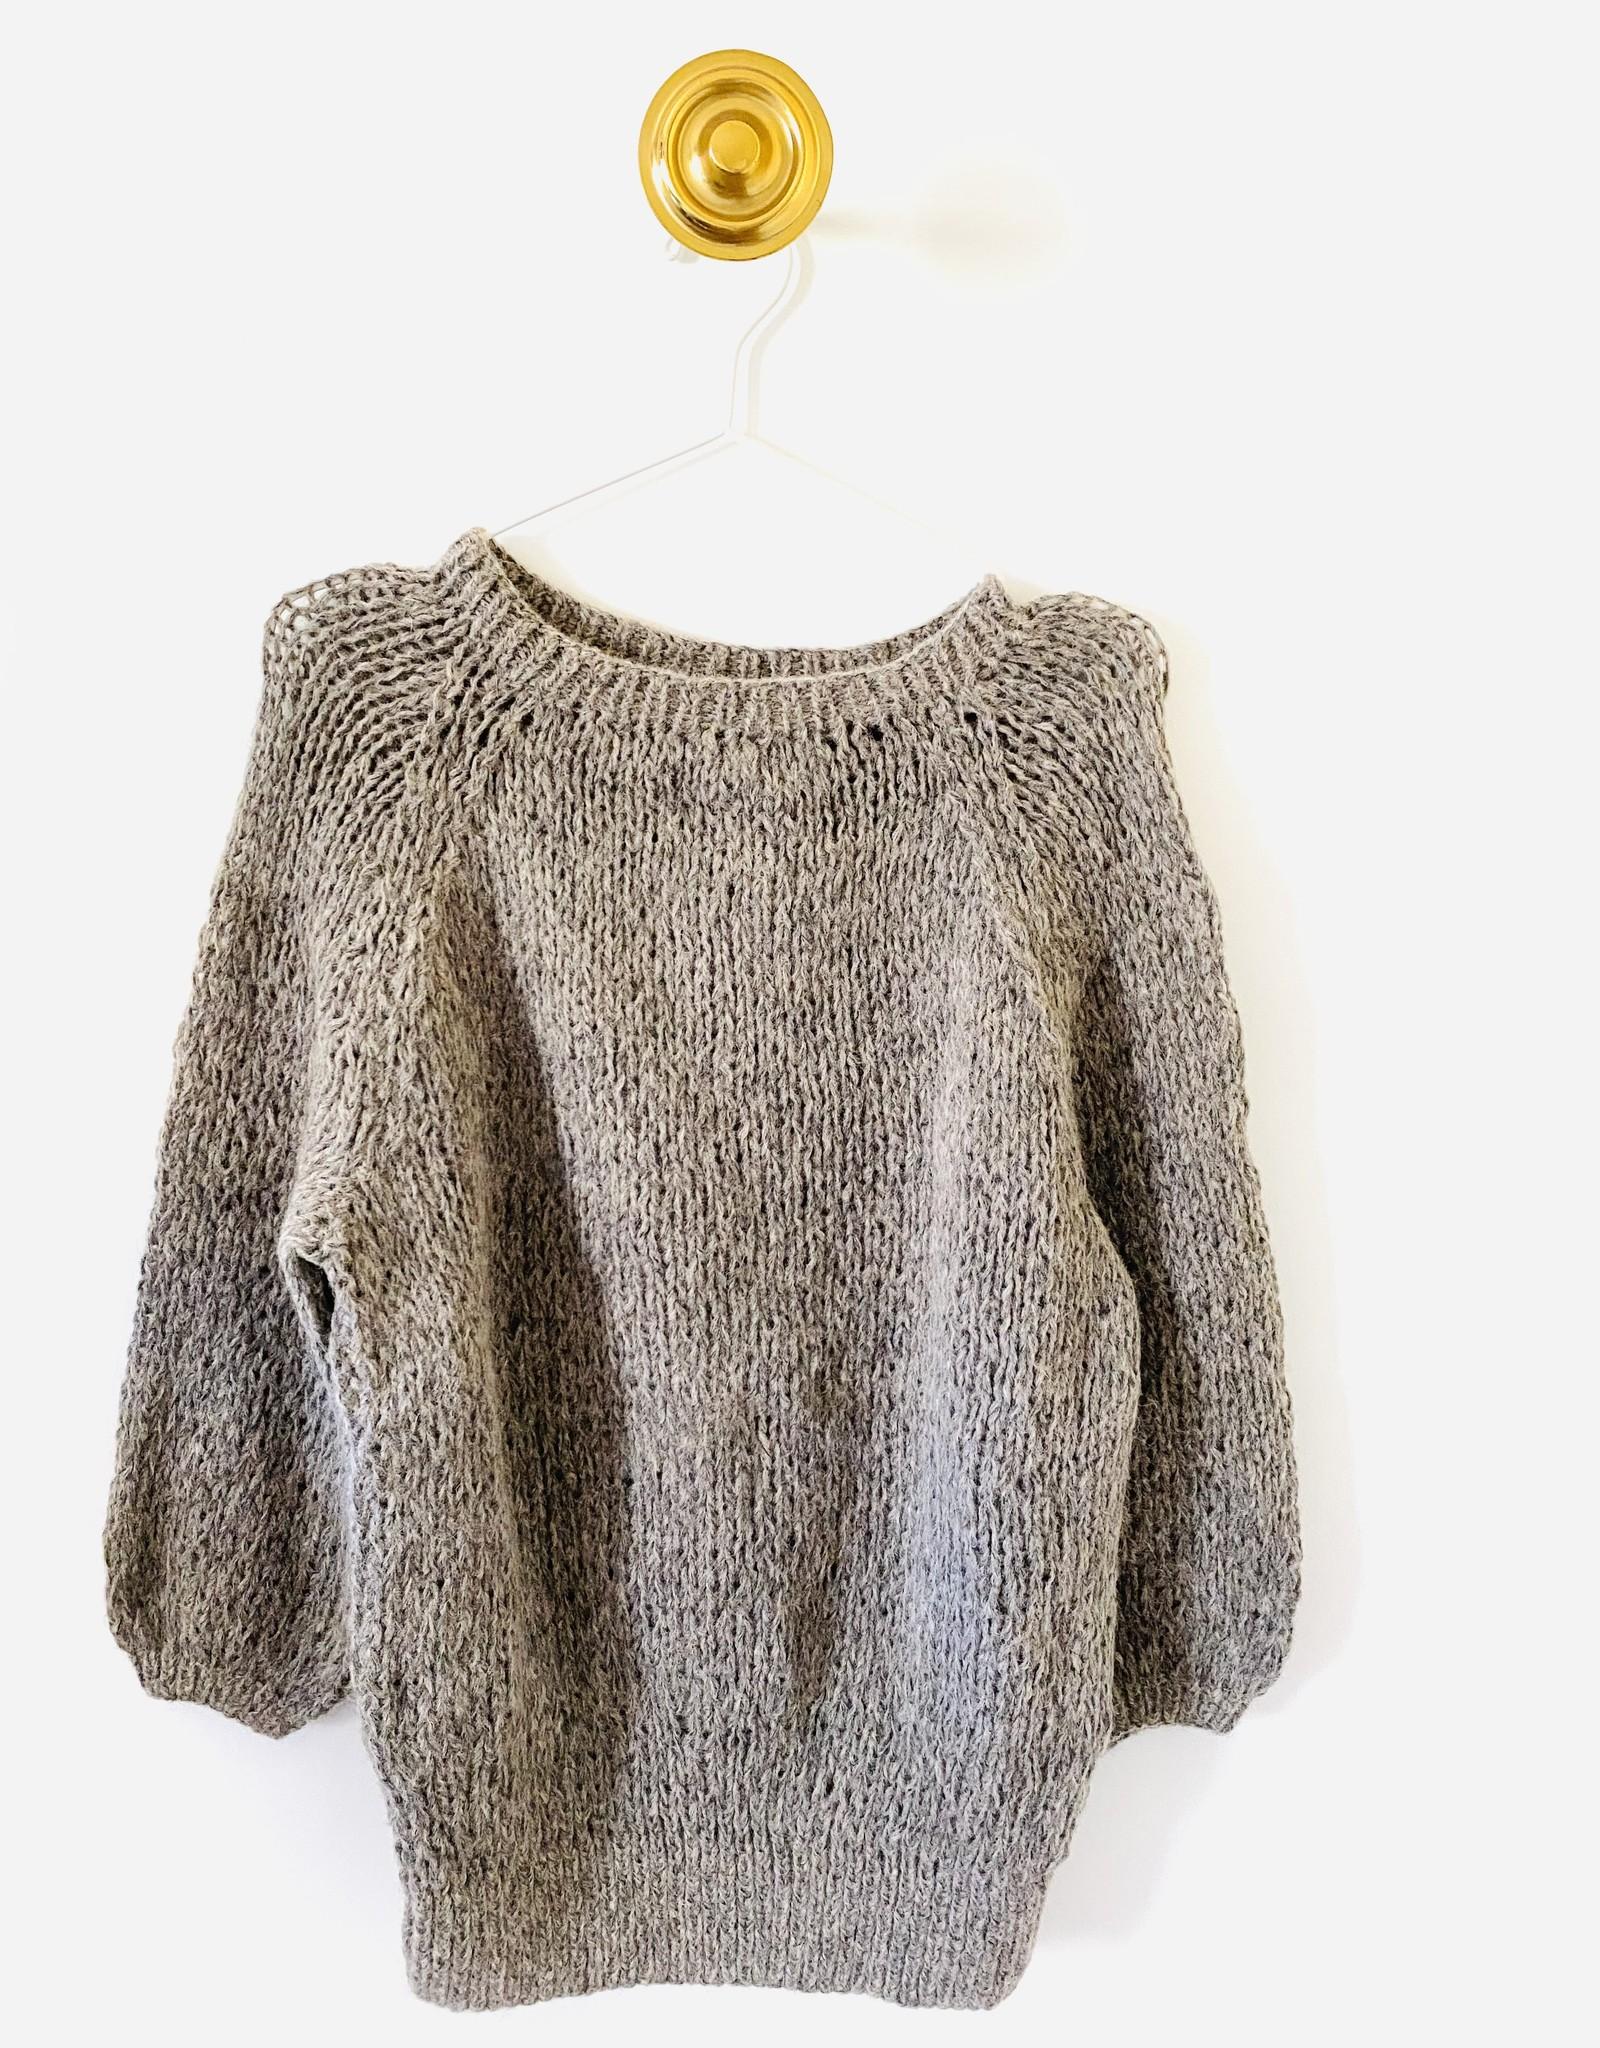 Inti Knitwear trui 'Naomi' Arena alpaca